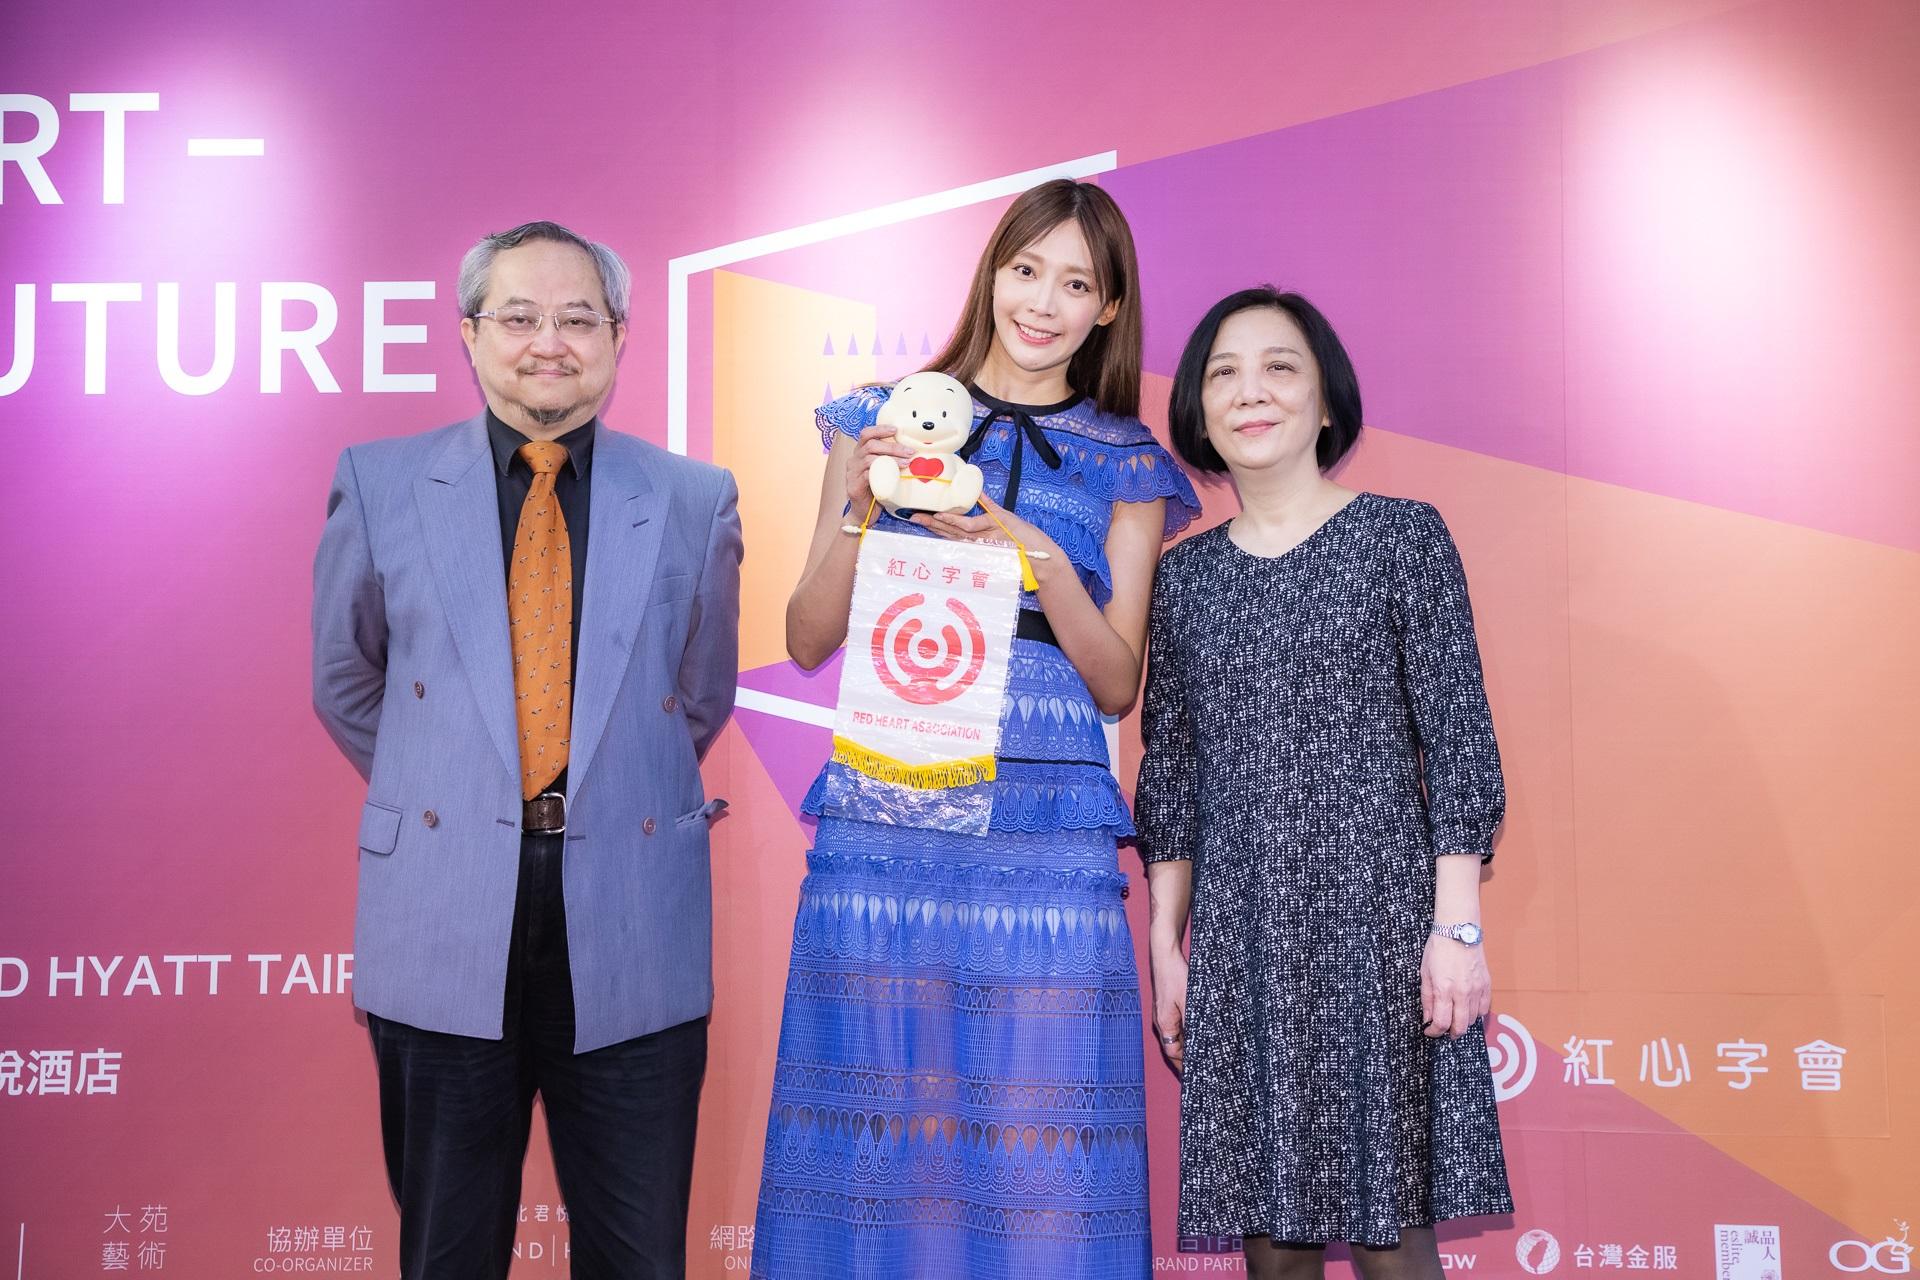 時尚名模王心恬邀您一同參與  2021 ART FUTURE藝術未來博覽會